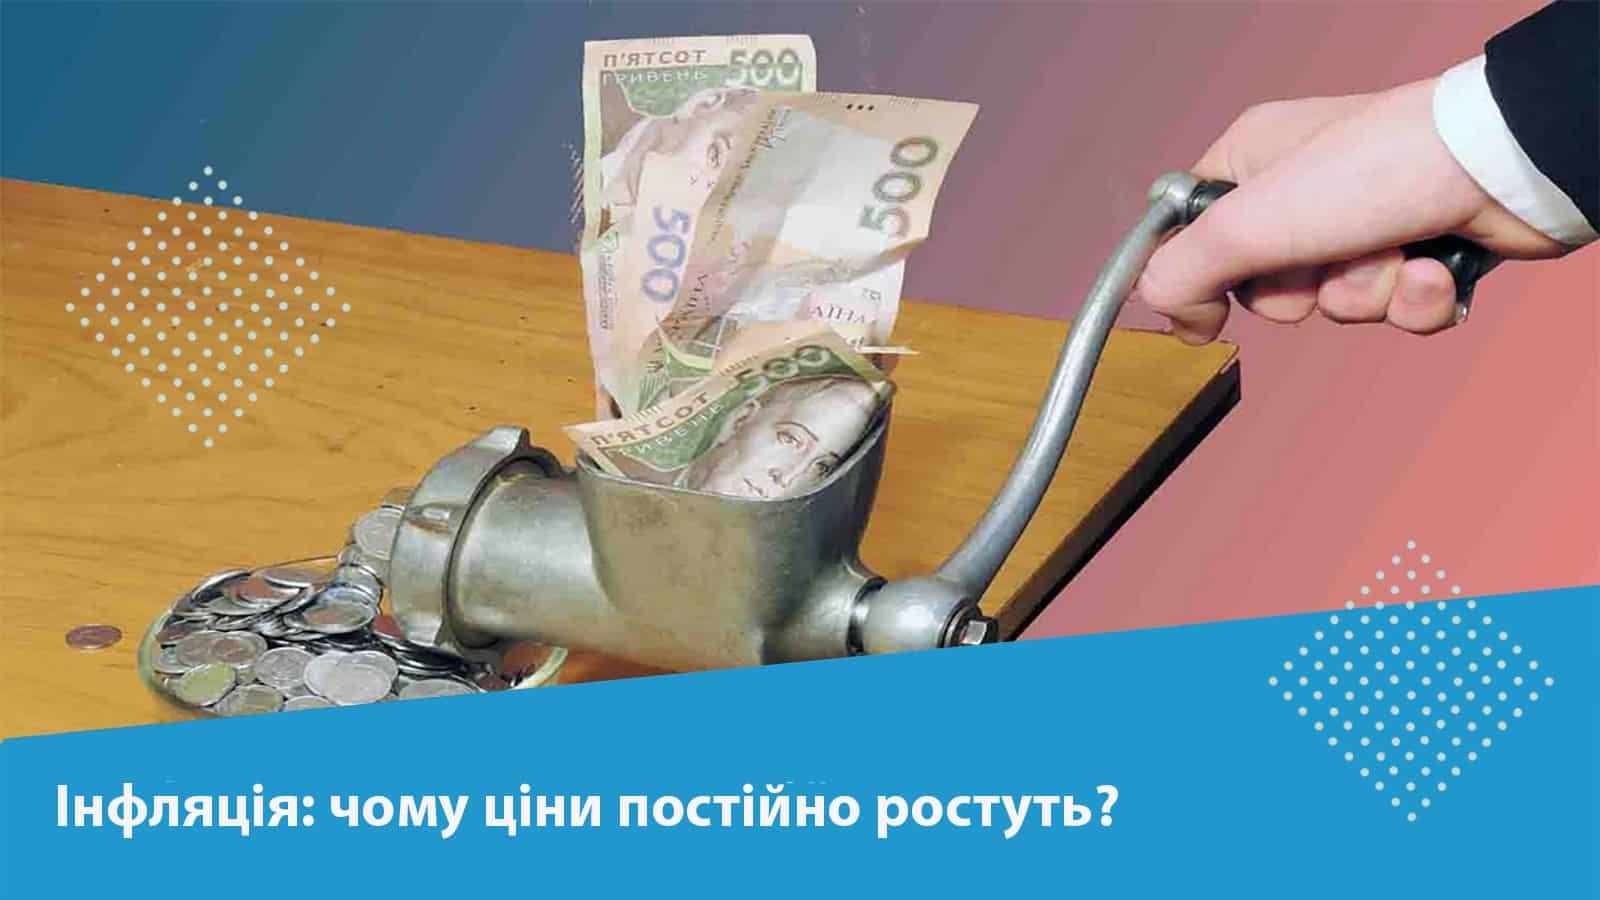 гроші у м1ясорубці